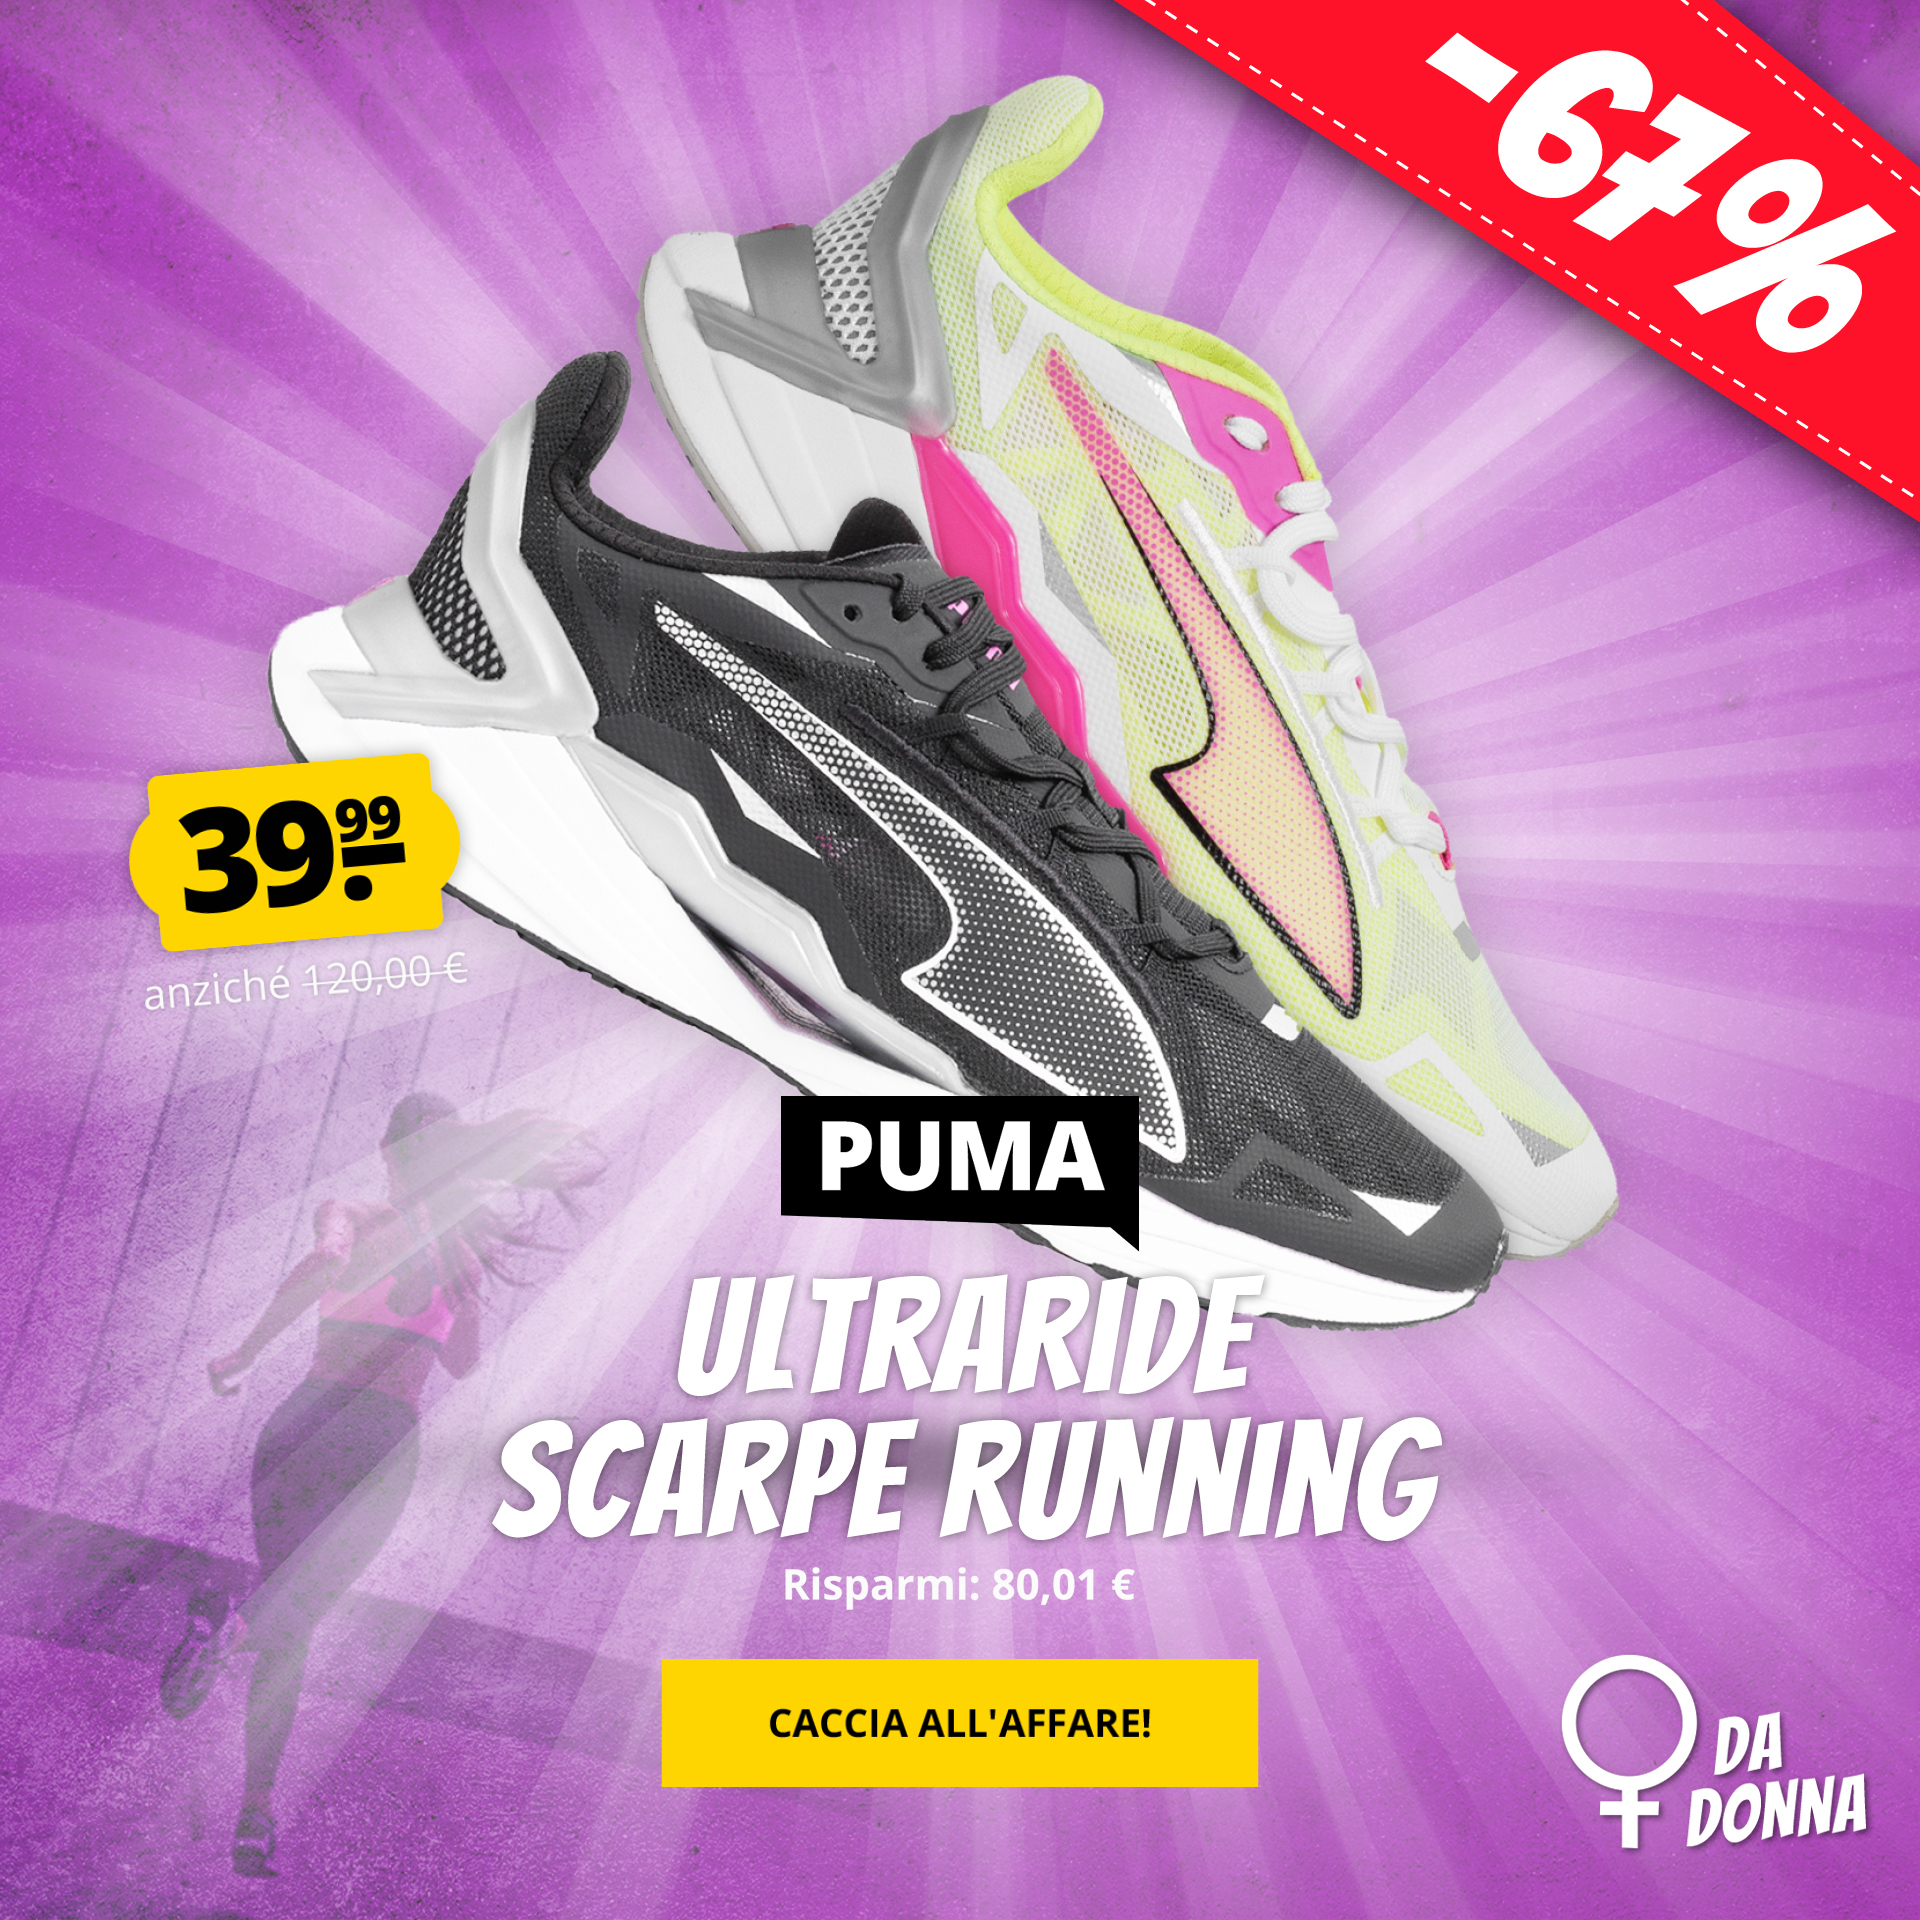 Scarpe running da donna PUMA UltraRide solo 39,99 €